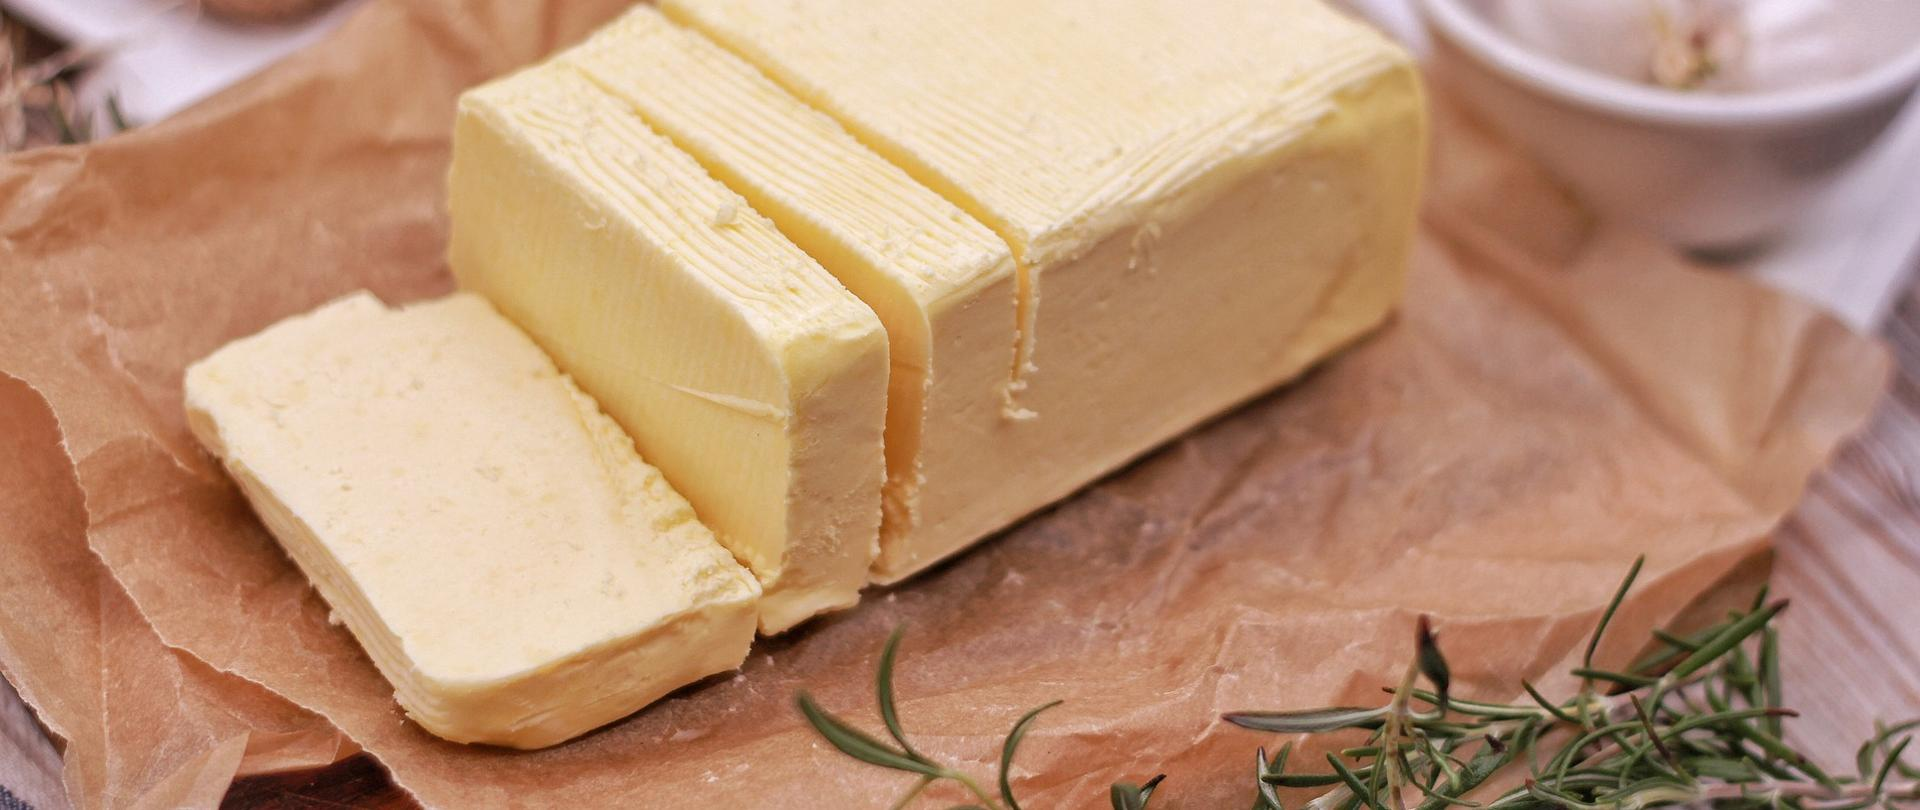 Na środku na papierze do pieczenia znajduje się margaryna w kostce, obok leży gałązka rozmarynu, w tle miska z główką czosnku.